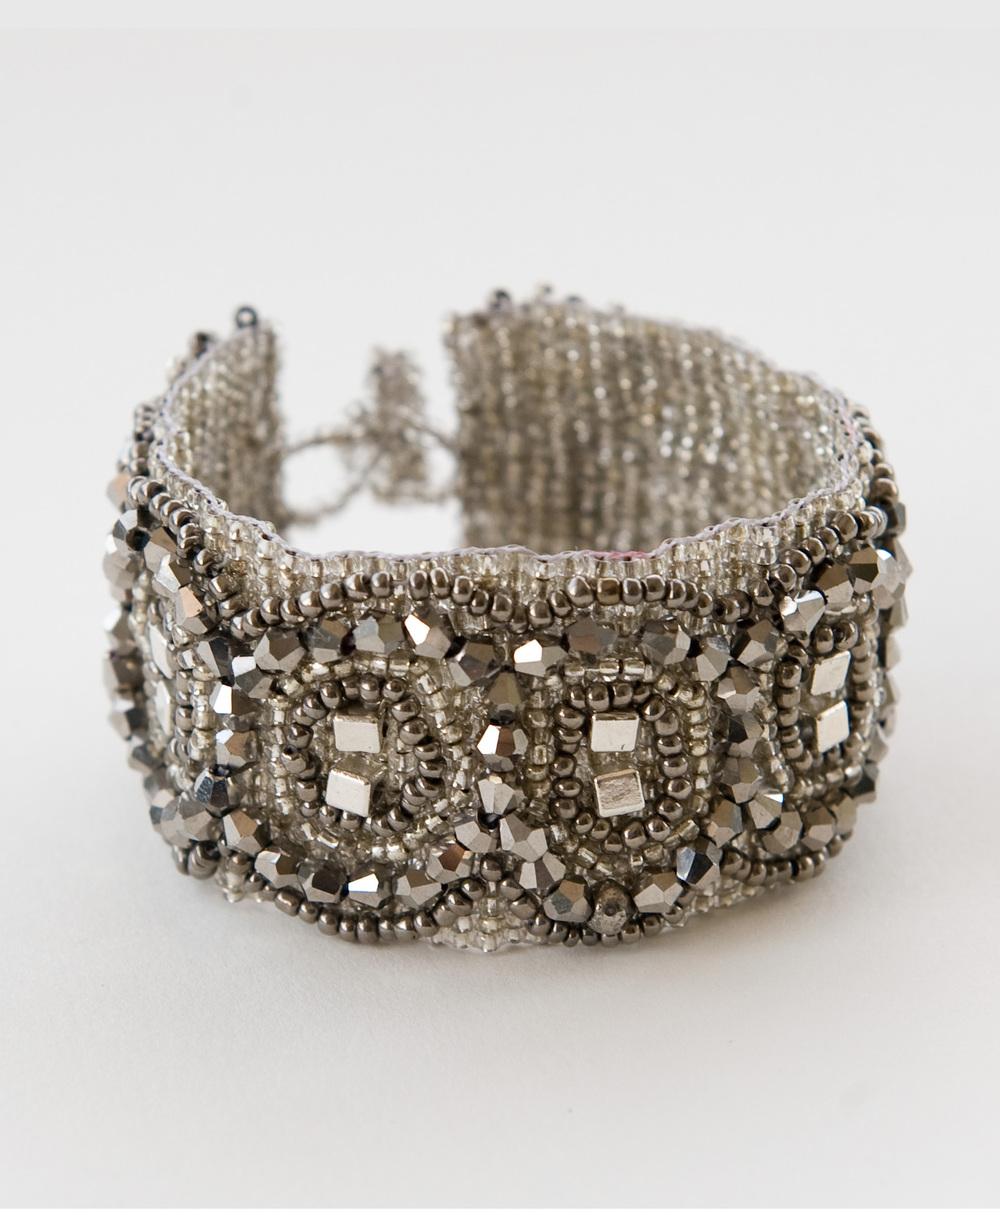 La Noche Bracelet. Made in Guatemala.